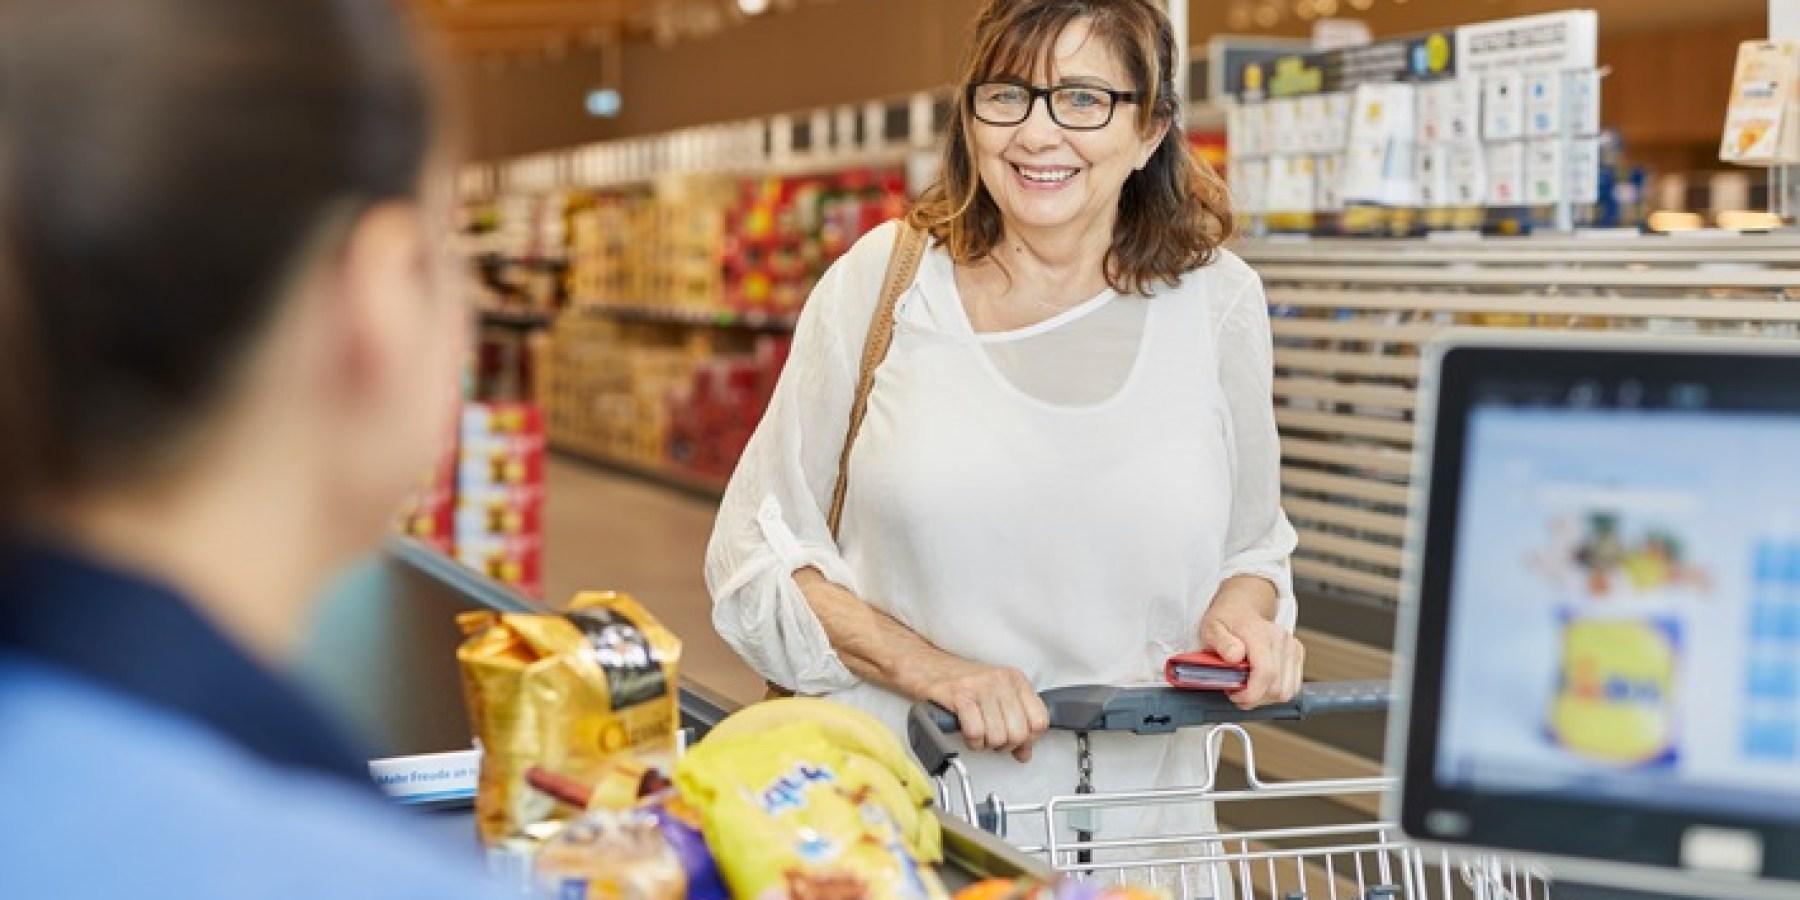 Ab 5 Euro Einkaufswert: Bargeldabhebung mit der Girocard bei Lidl